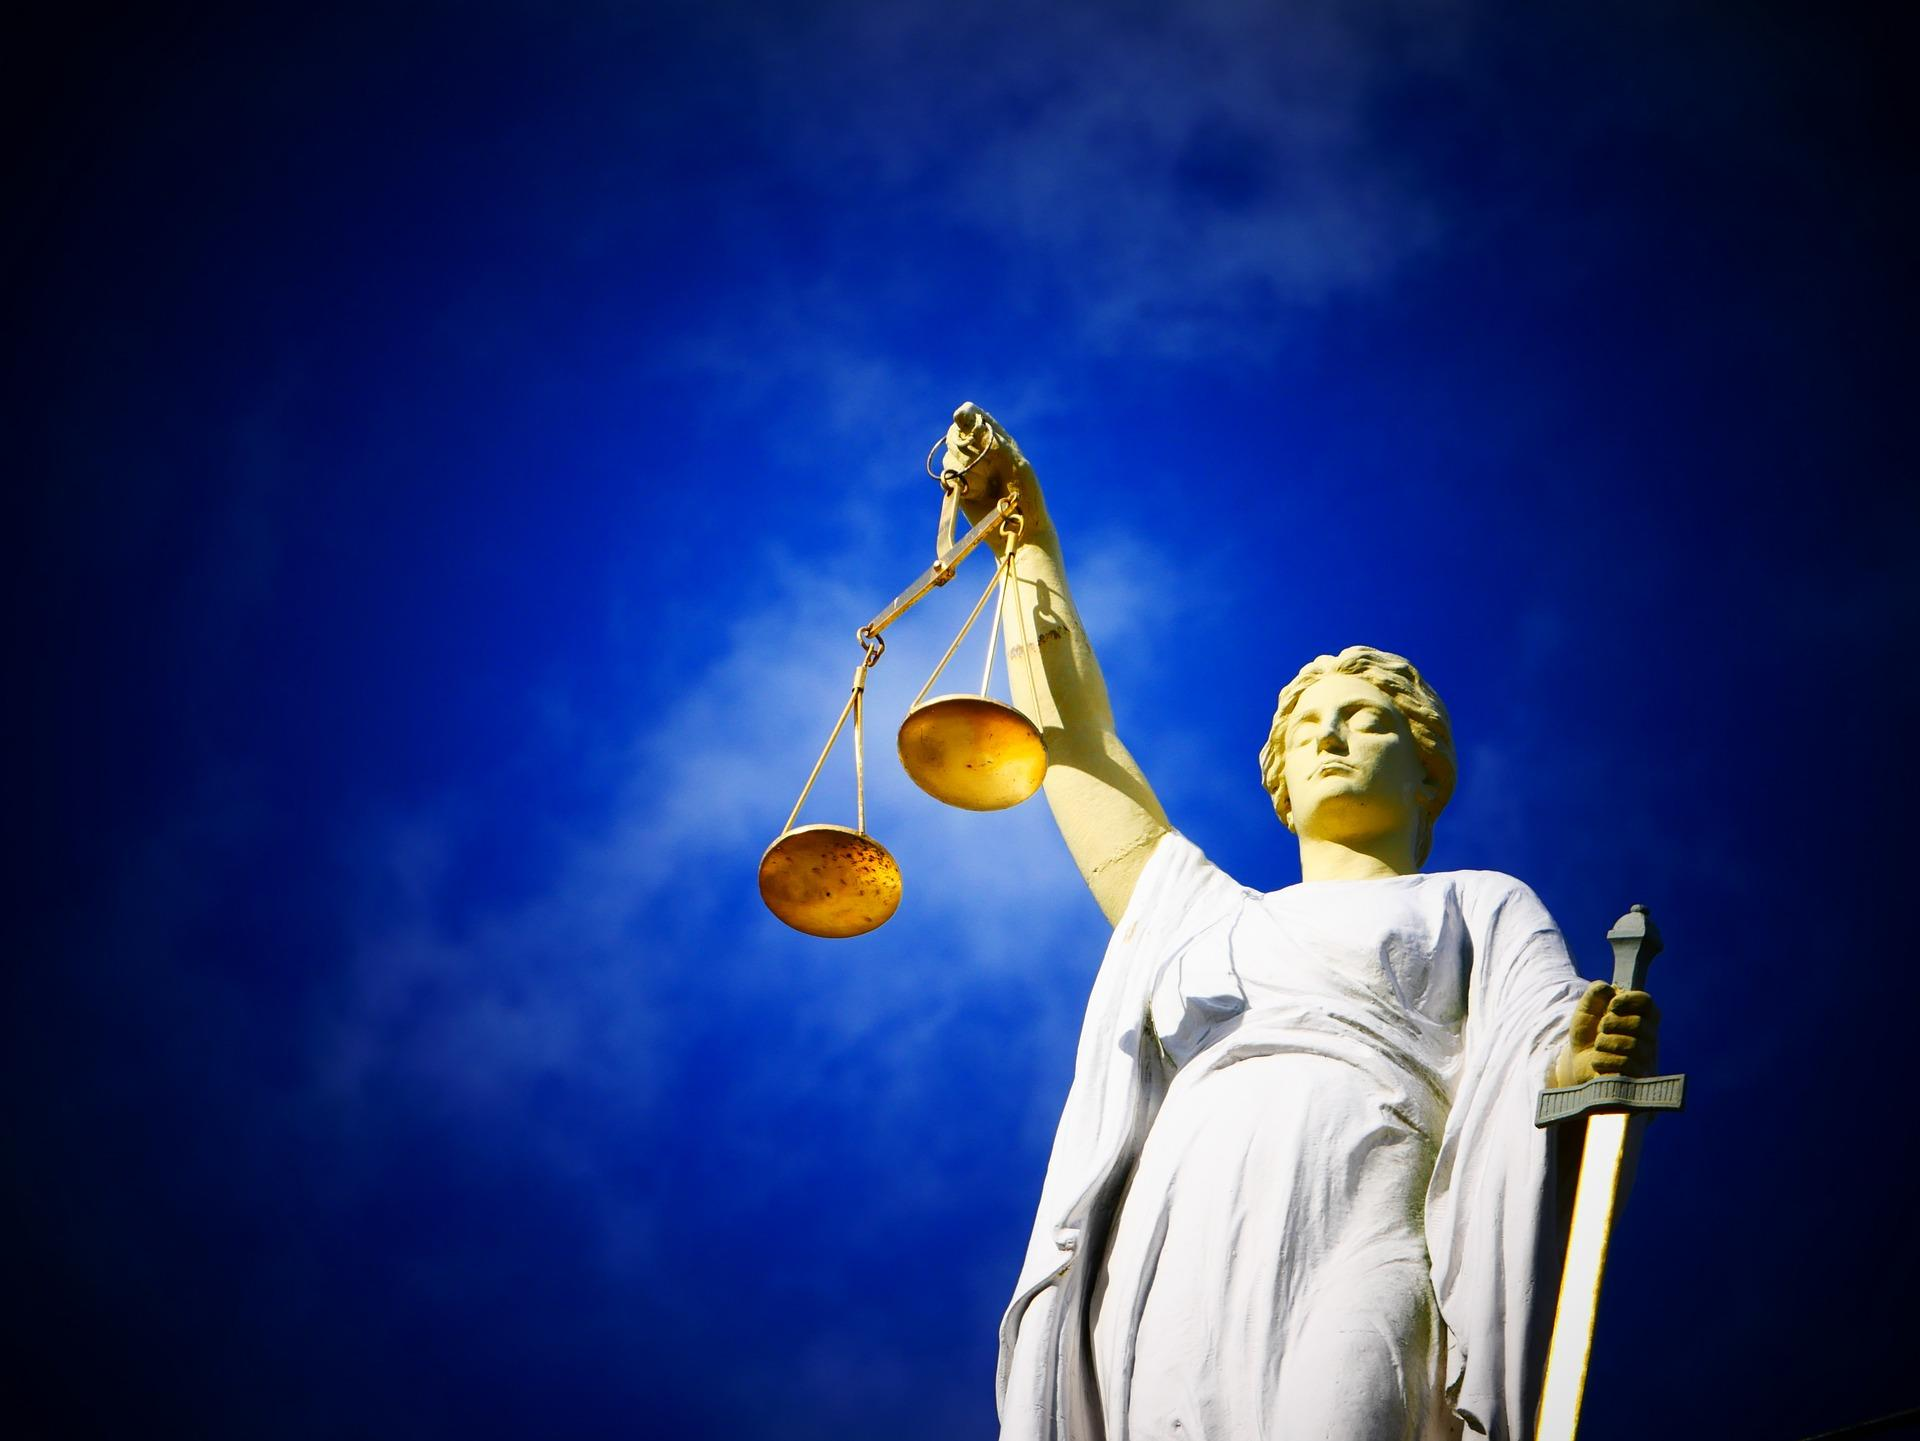 Tot zes jaar cel geëist wegens 'afrekening': Pool bont en blauw geslagen met rubberen hamers, drugs in het spel